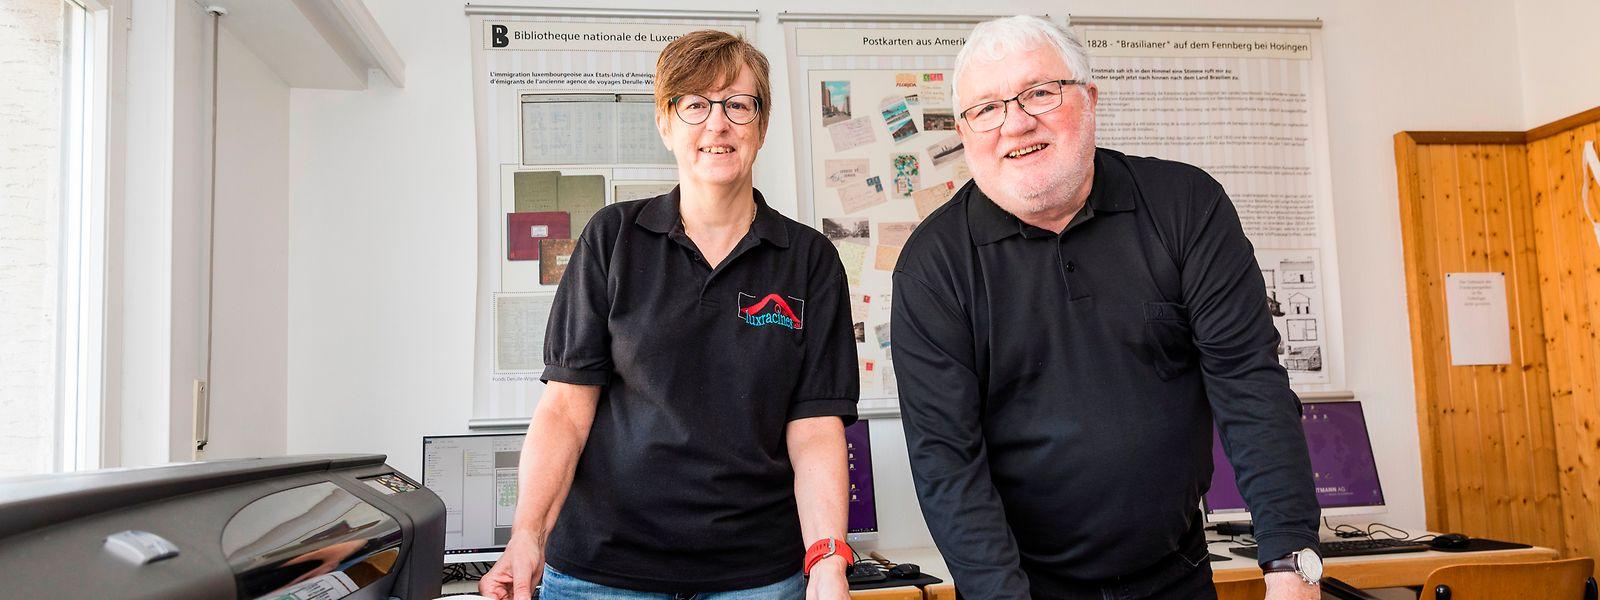 Stolz sind Cathy Meder-Dempsey und Rob Deltgen von Luxracines auf ihren neuen Großformatdrucker.